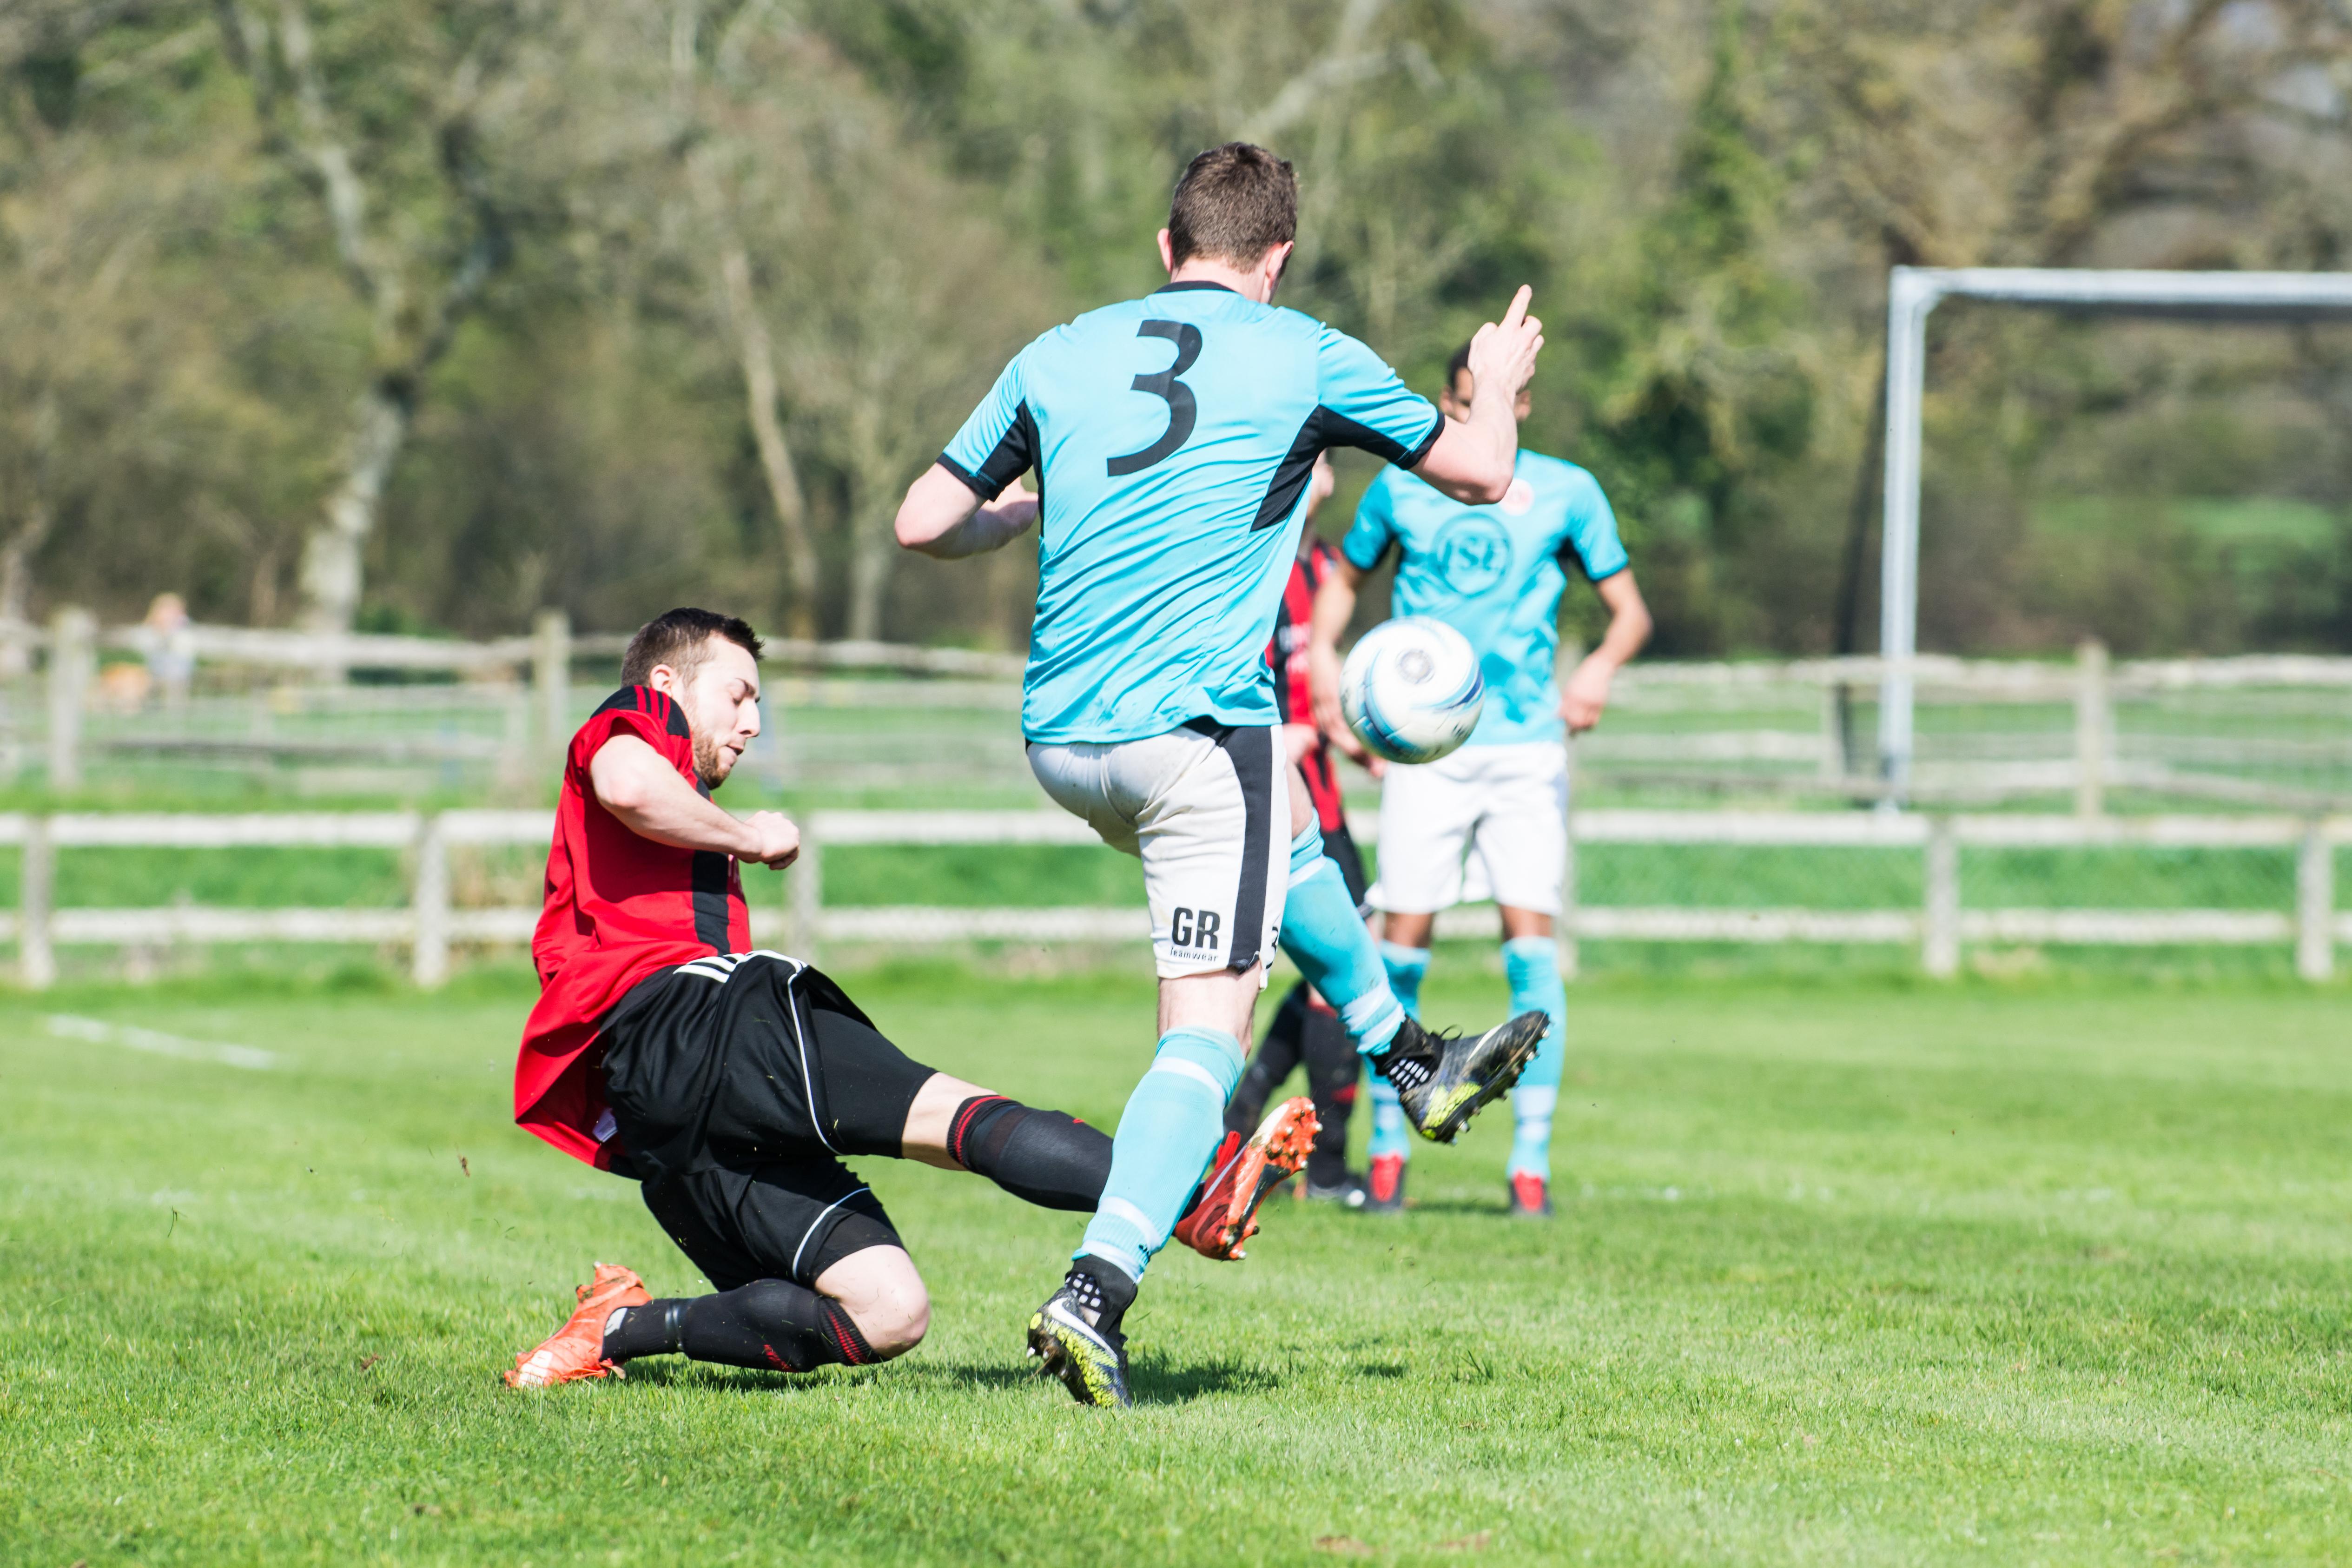 DAVID_JEFFERY Billingshurst FC vs AFC Varndeanians 14.04.18 24